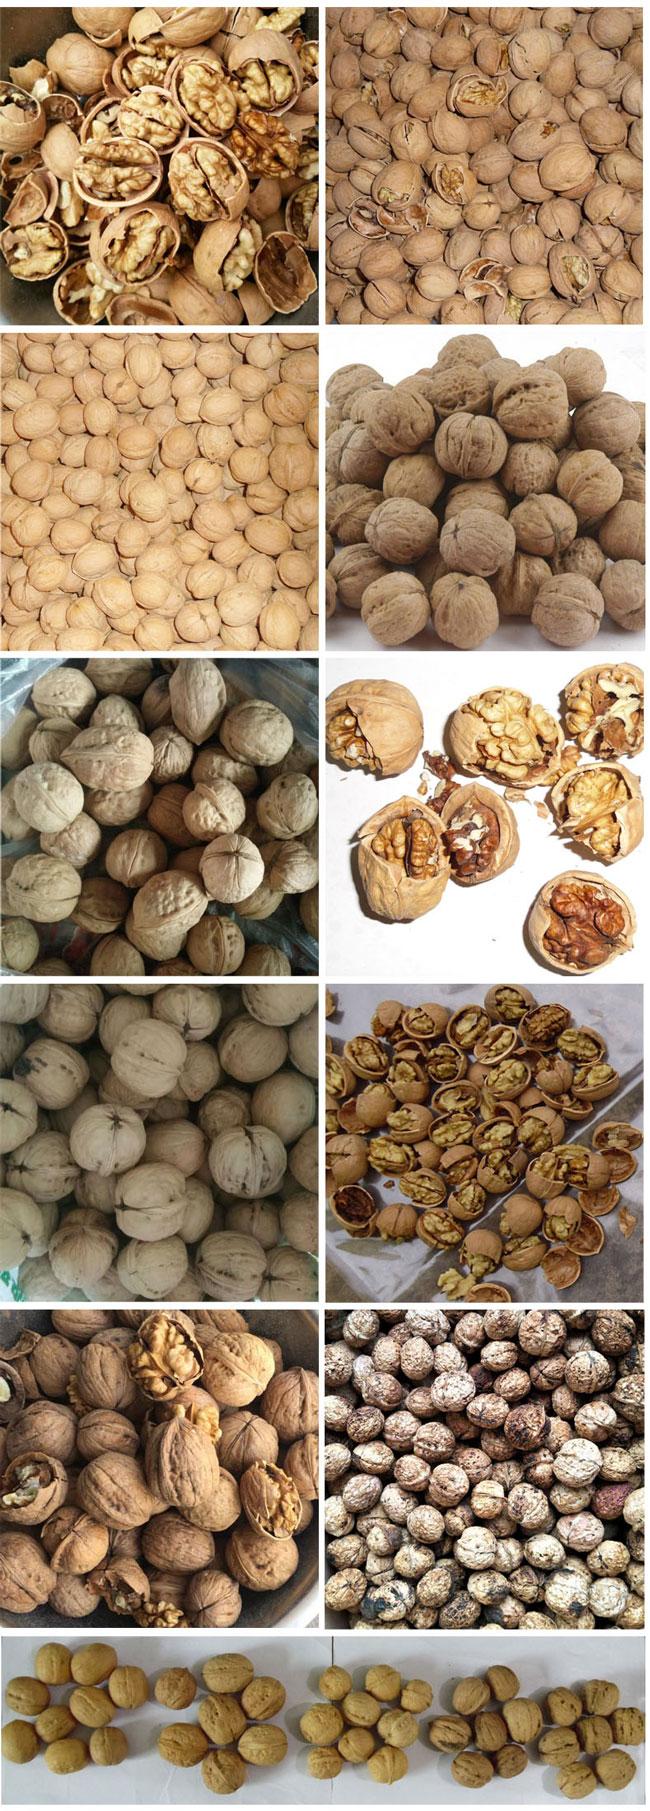 walnut with thin shell